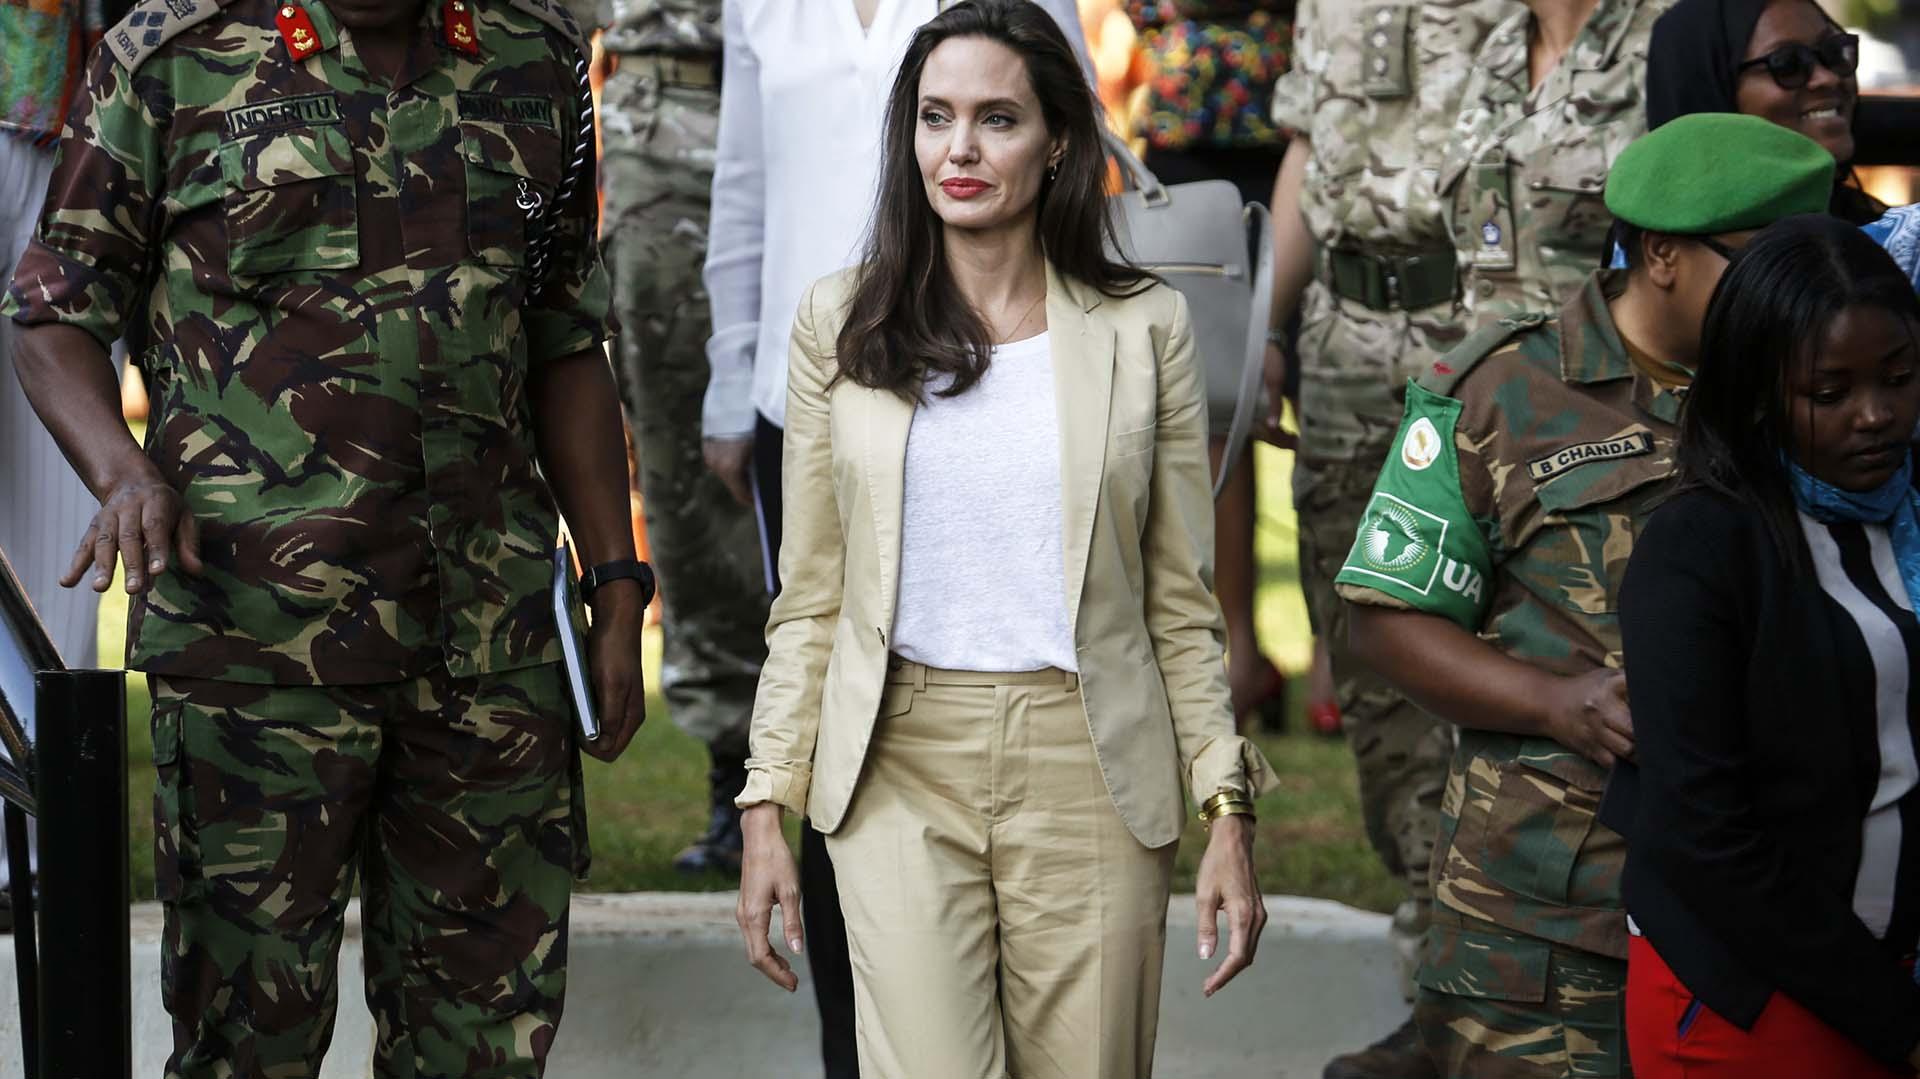 Angelina Jolie, enviada especial de la Agencia de Naciones Unidas para los Refugiados (ACNUR), a su llegada al International Peace Support Centre (Centro Internacional de Apoyo a la Paz) en el Día del Refugiado, en Nairobi